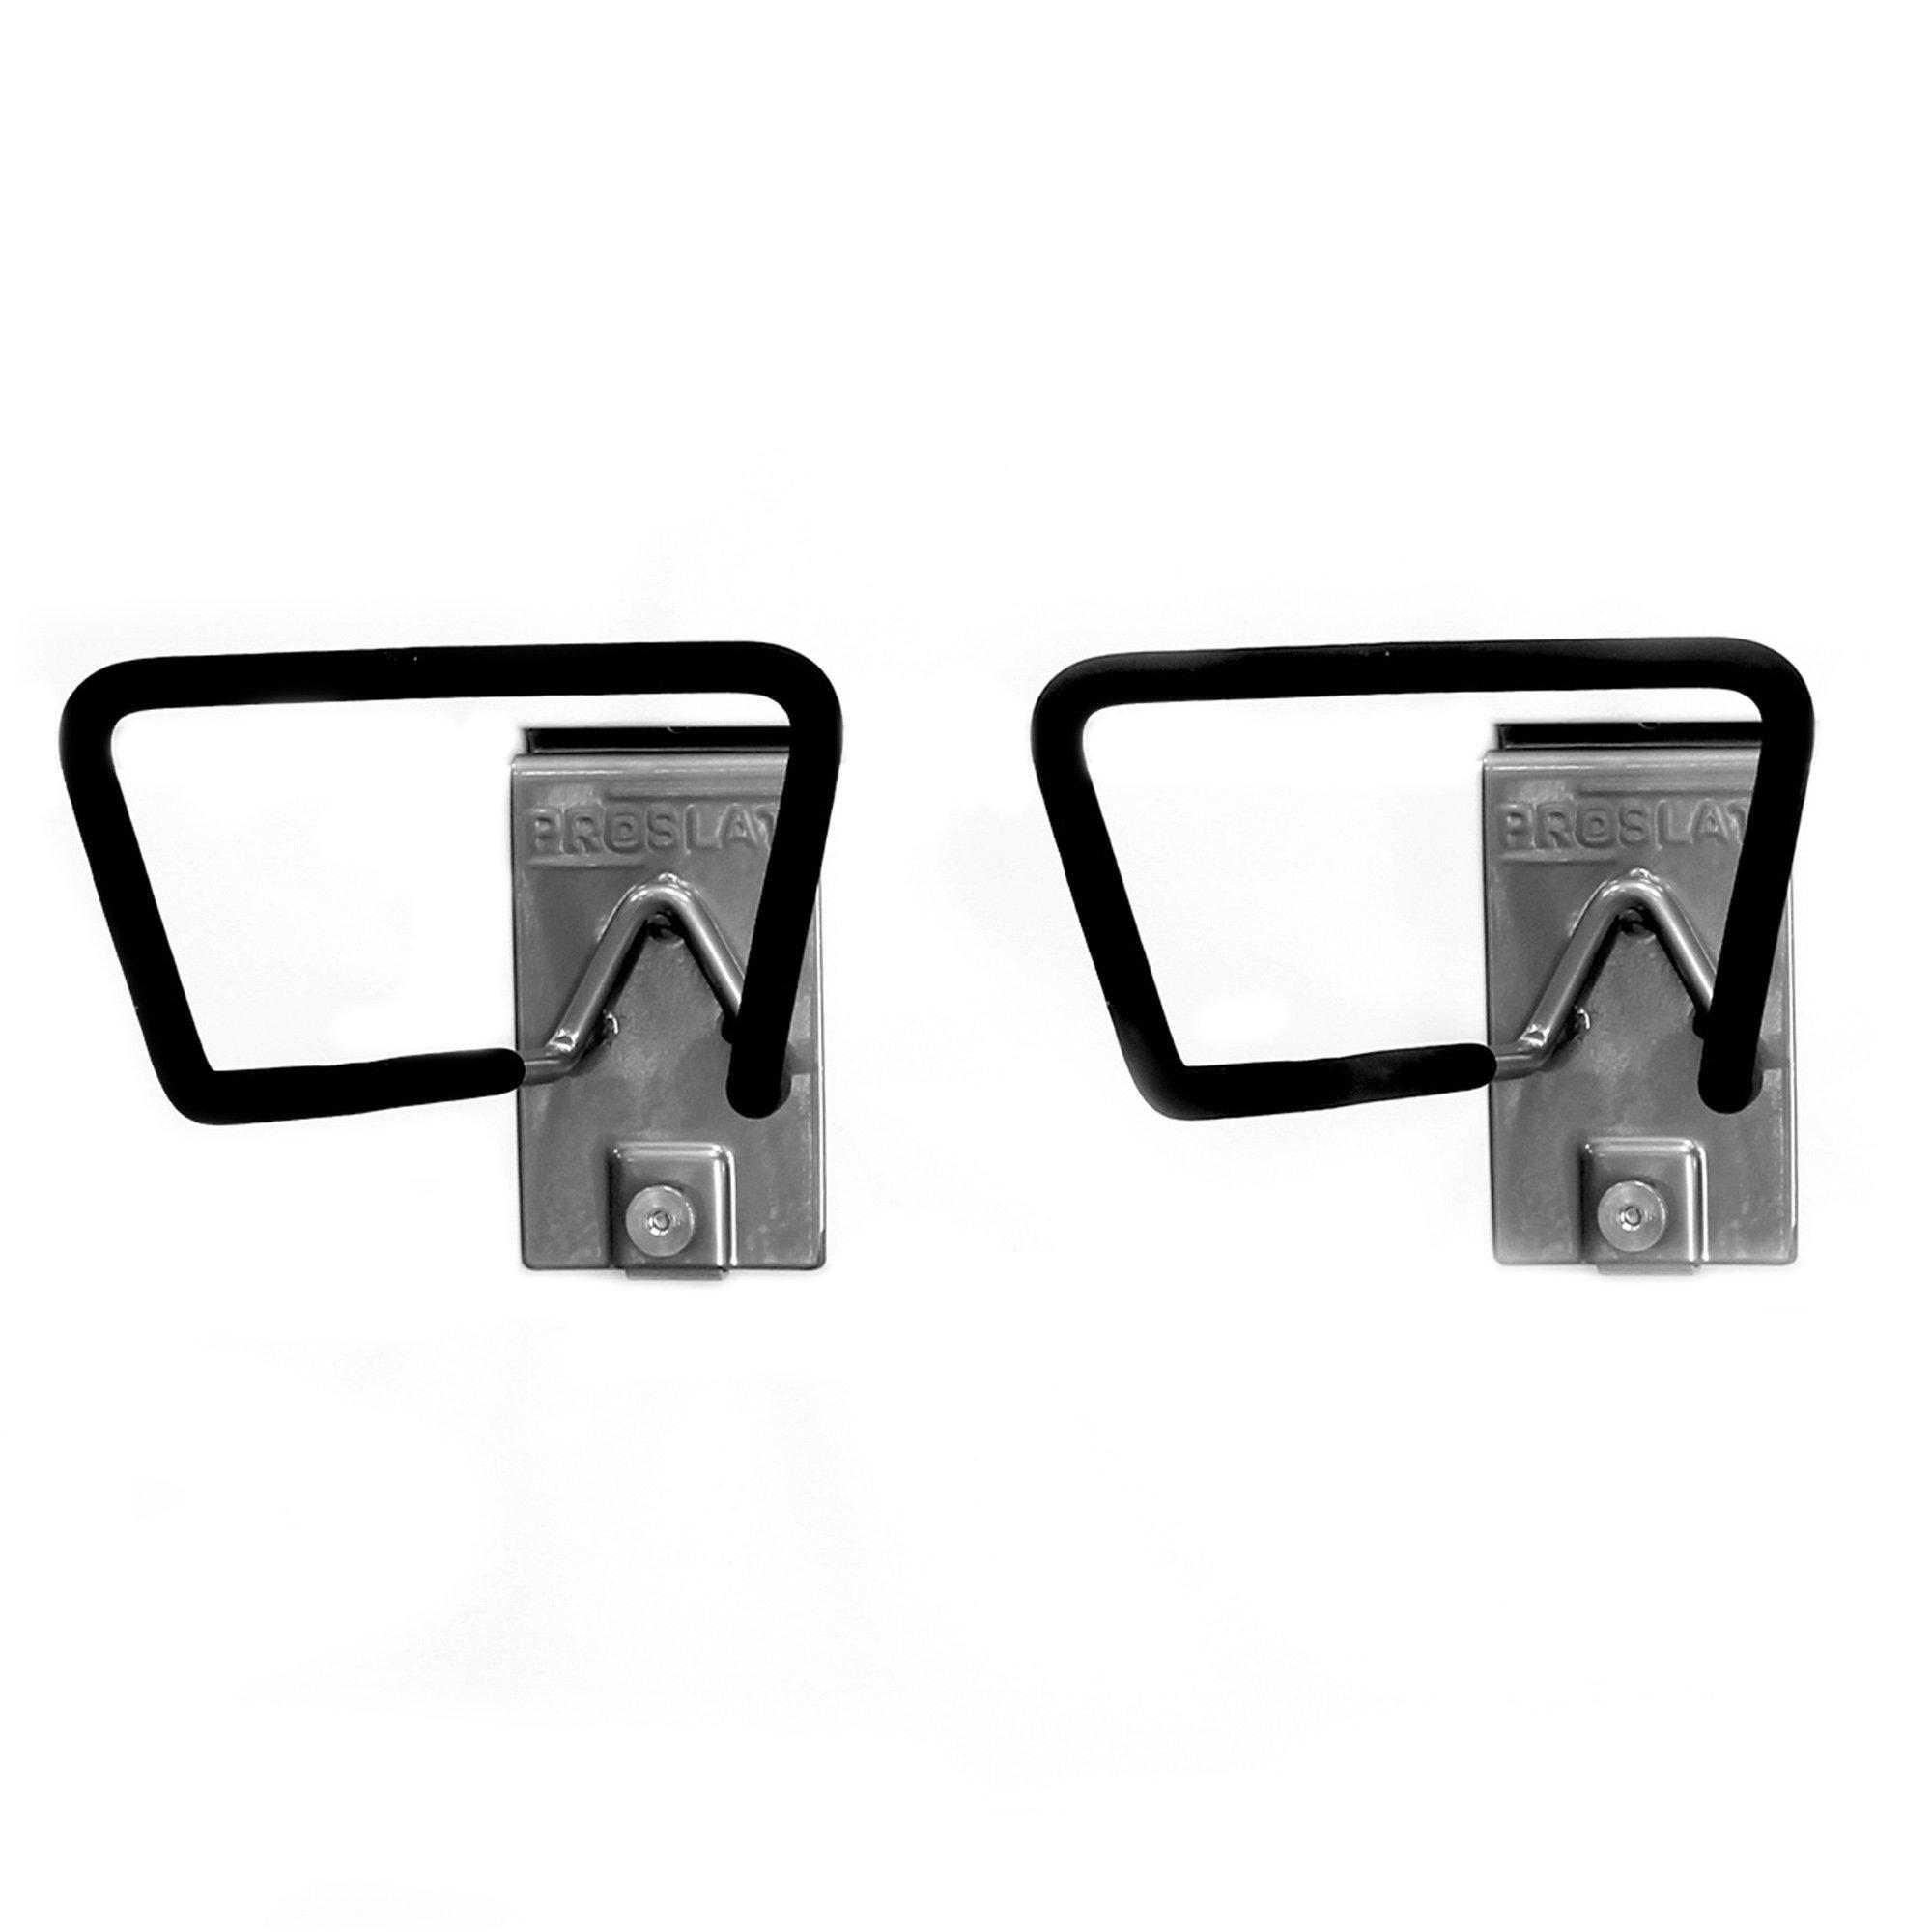 Proslat 13016 Hose/Cord Holder Designed for Proslat PVC Slatwall, 2-Pack